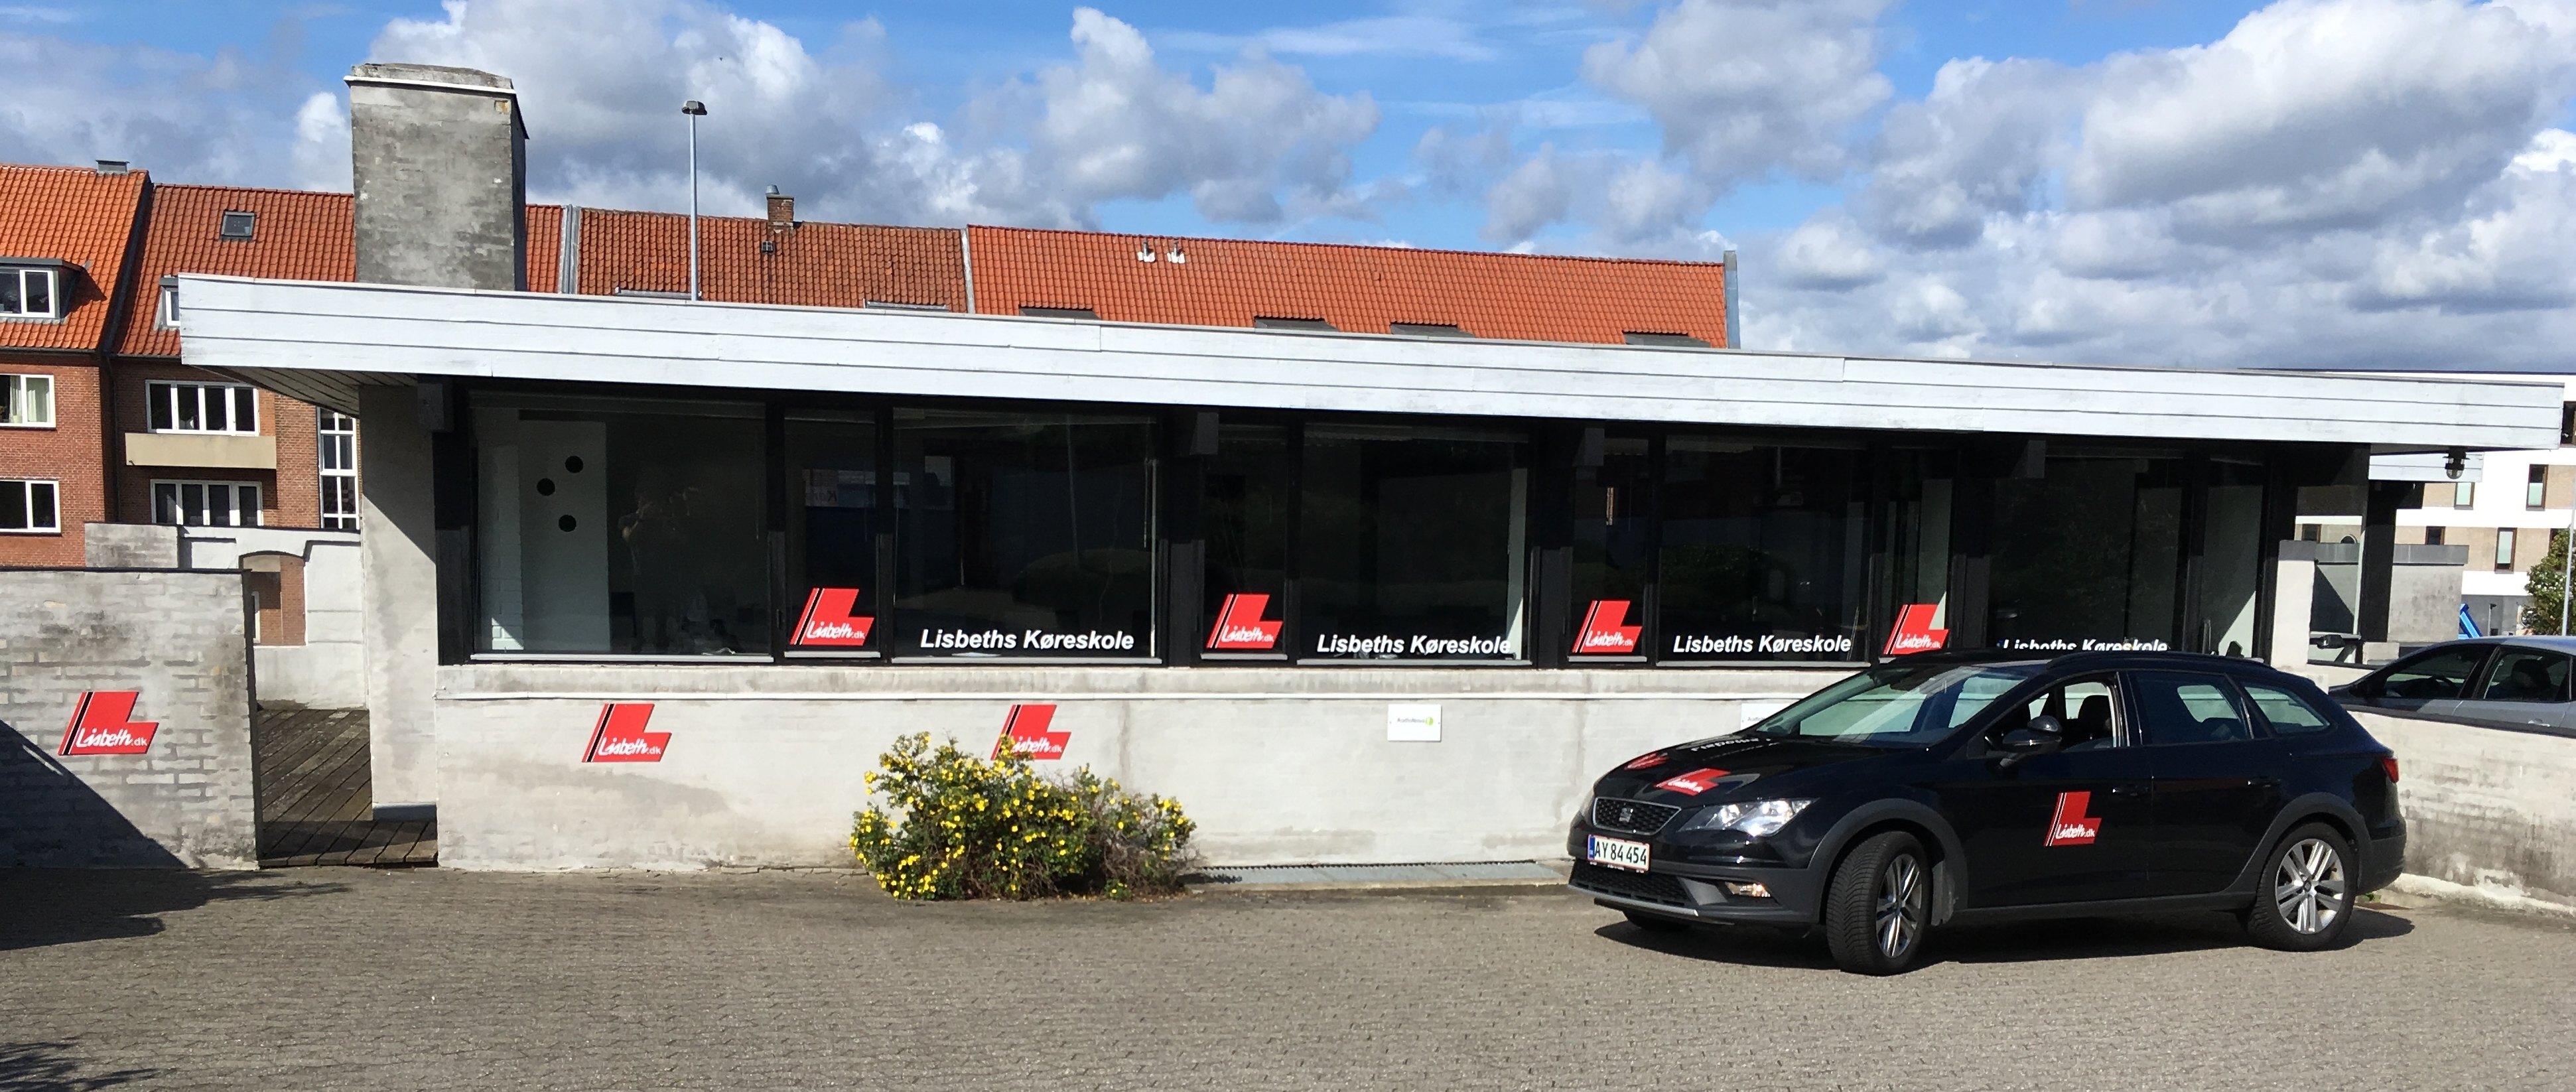 lisbeth køreskole esbjerg